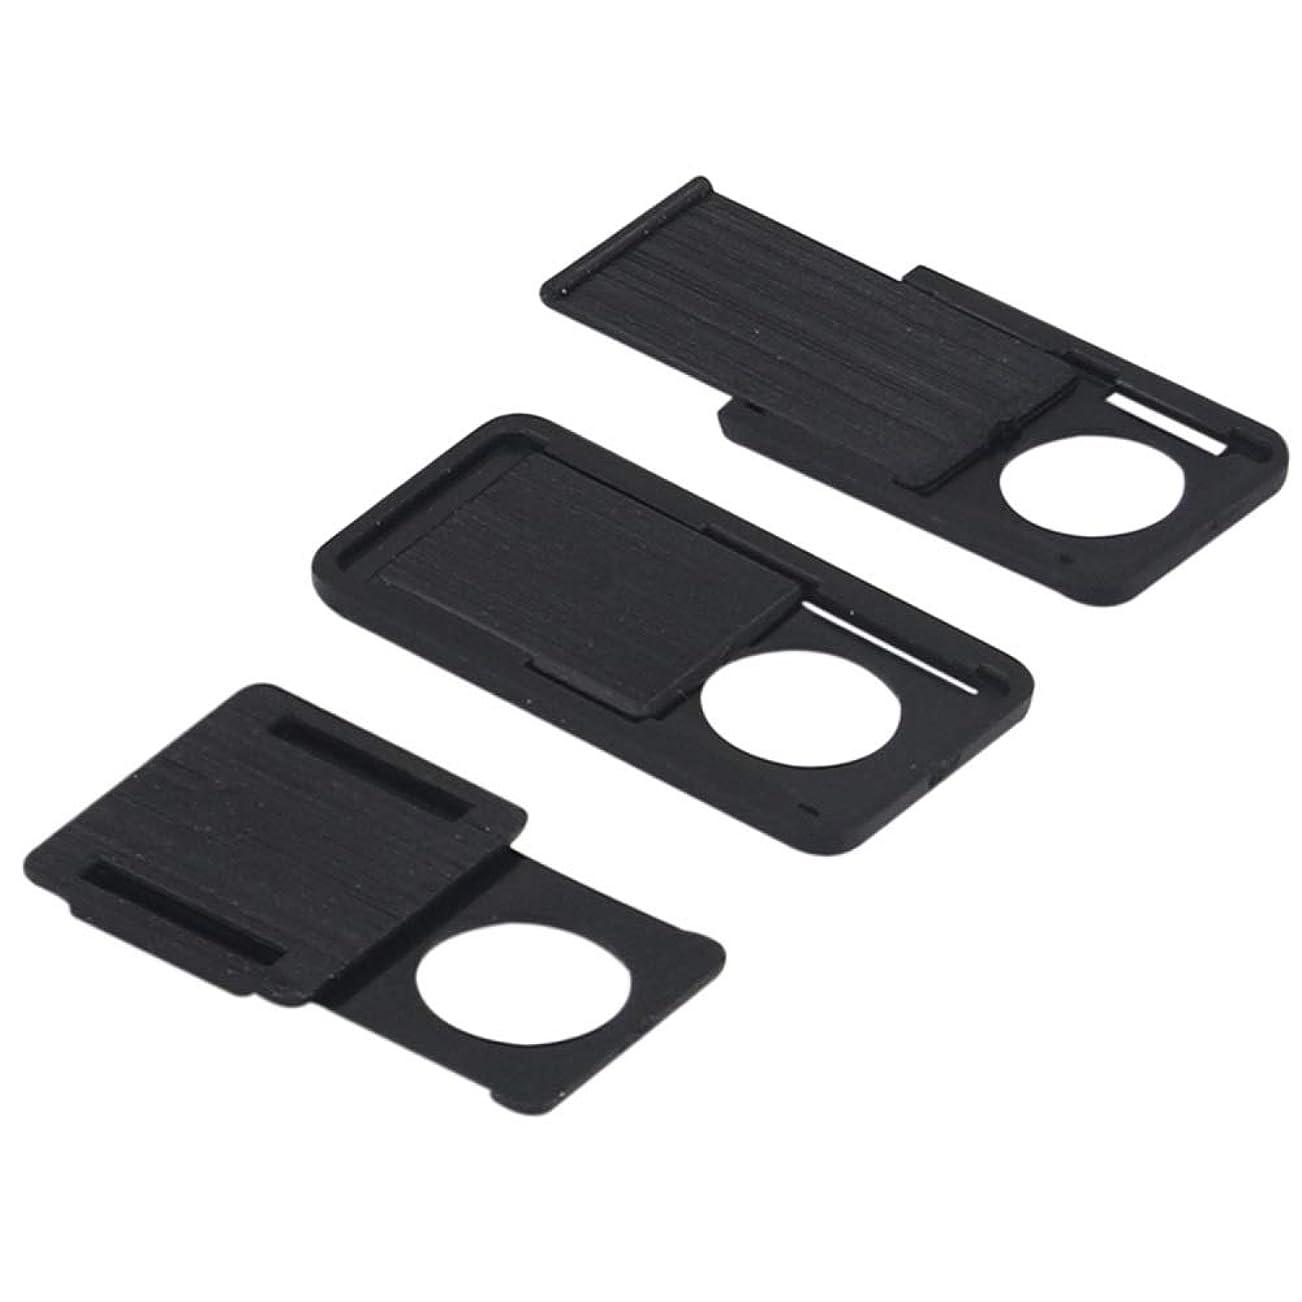 トーク許される職人A-Focus ウェブカメラ カバー Webcam Cover プライバシー保護カバー 盗撮防止カバー 超薄型 PC スマホ タブレット ラップトップ等のカメラに対応 SML3サイズ3枚セット